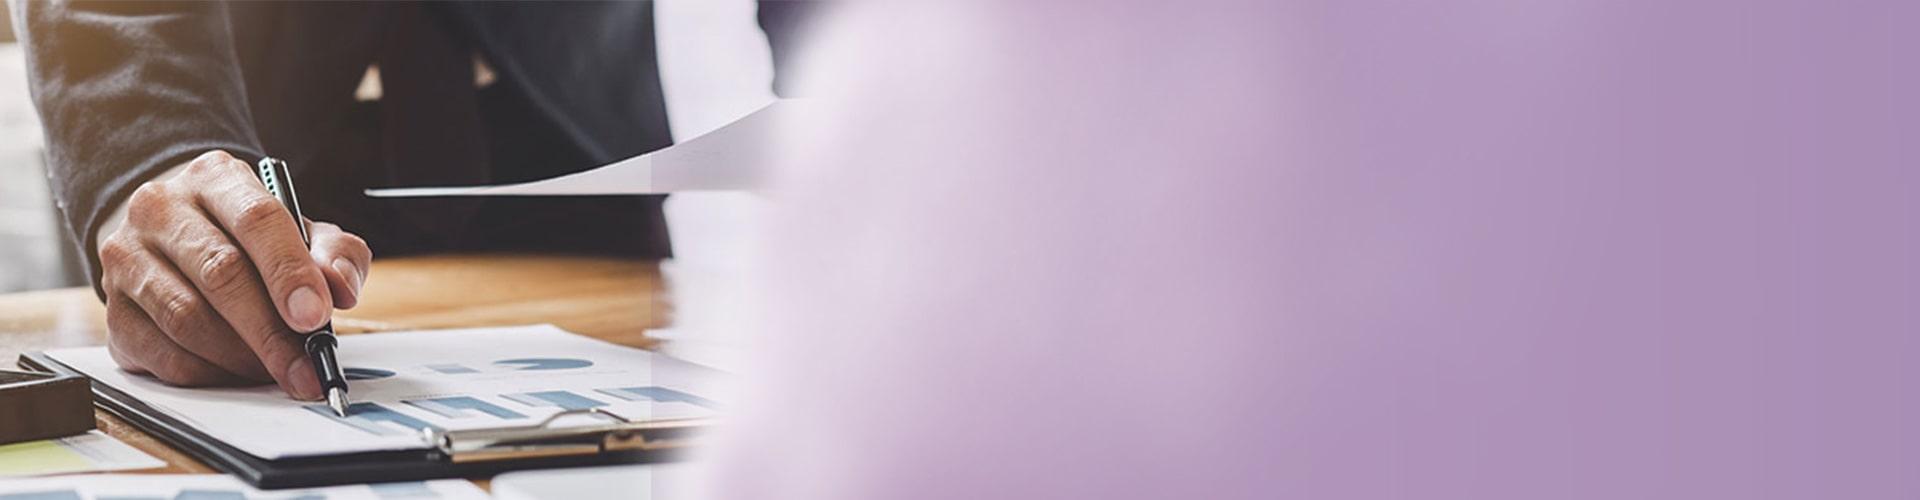 mustafa-boz-internal-banner-min